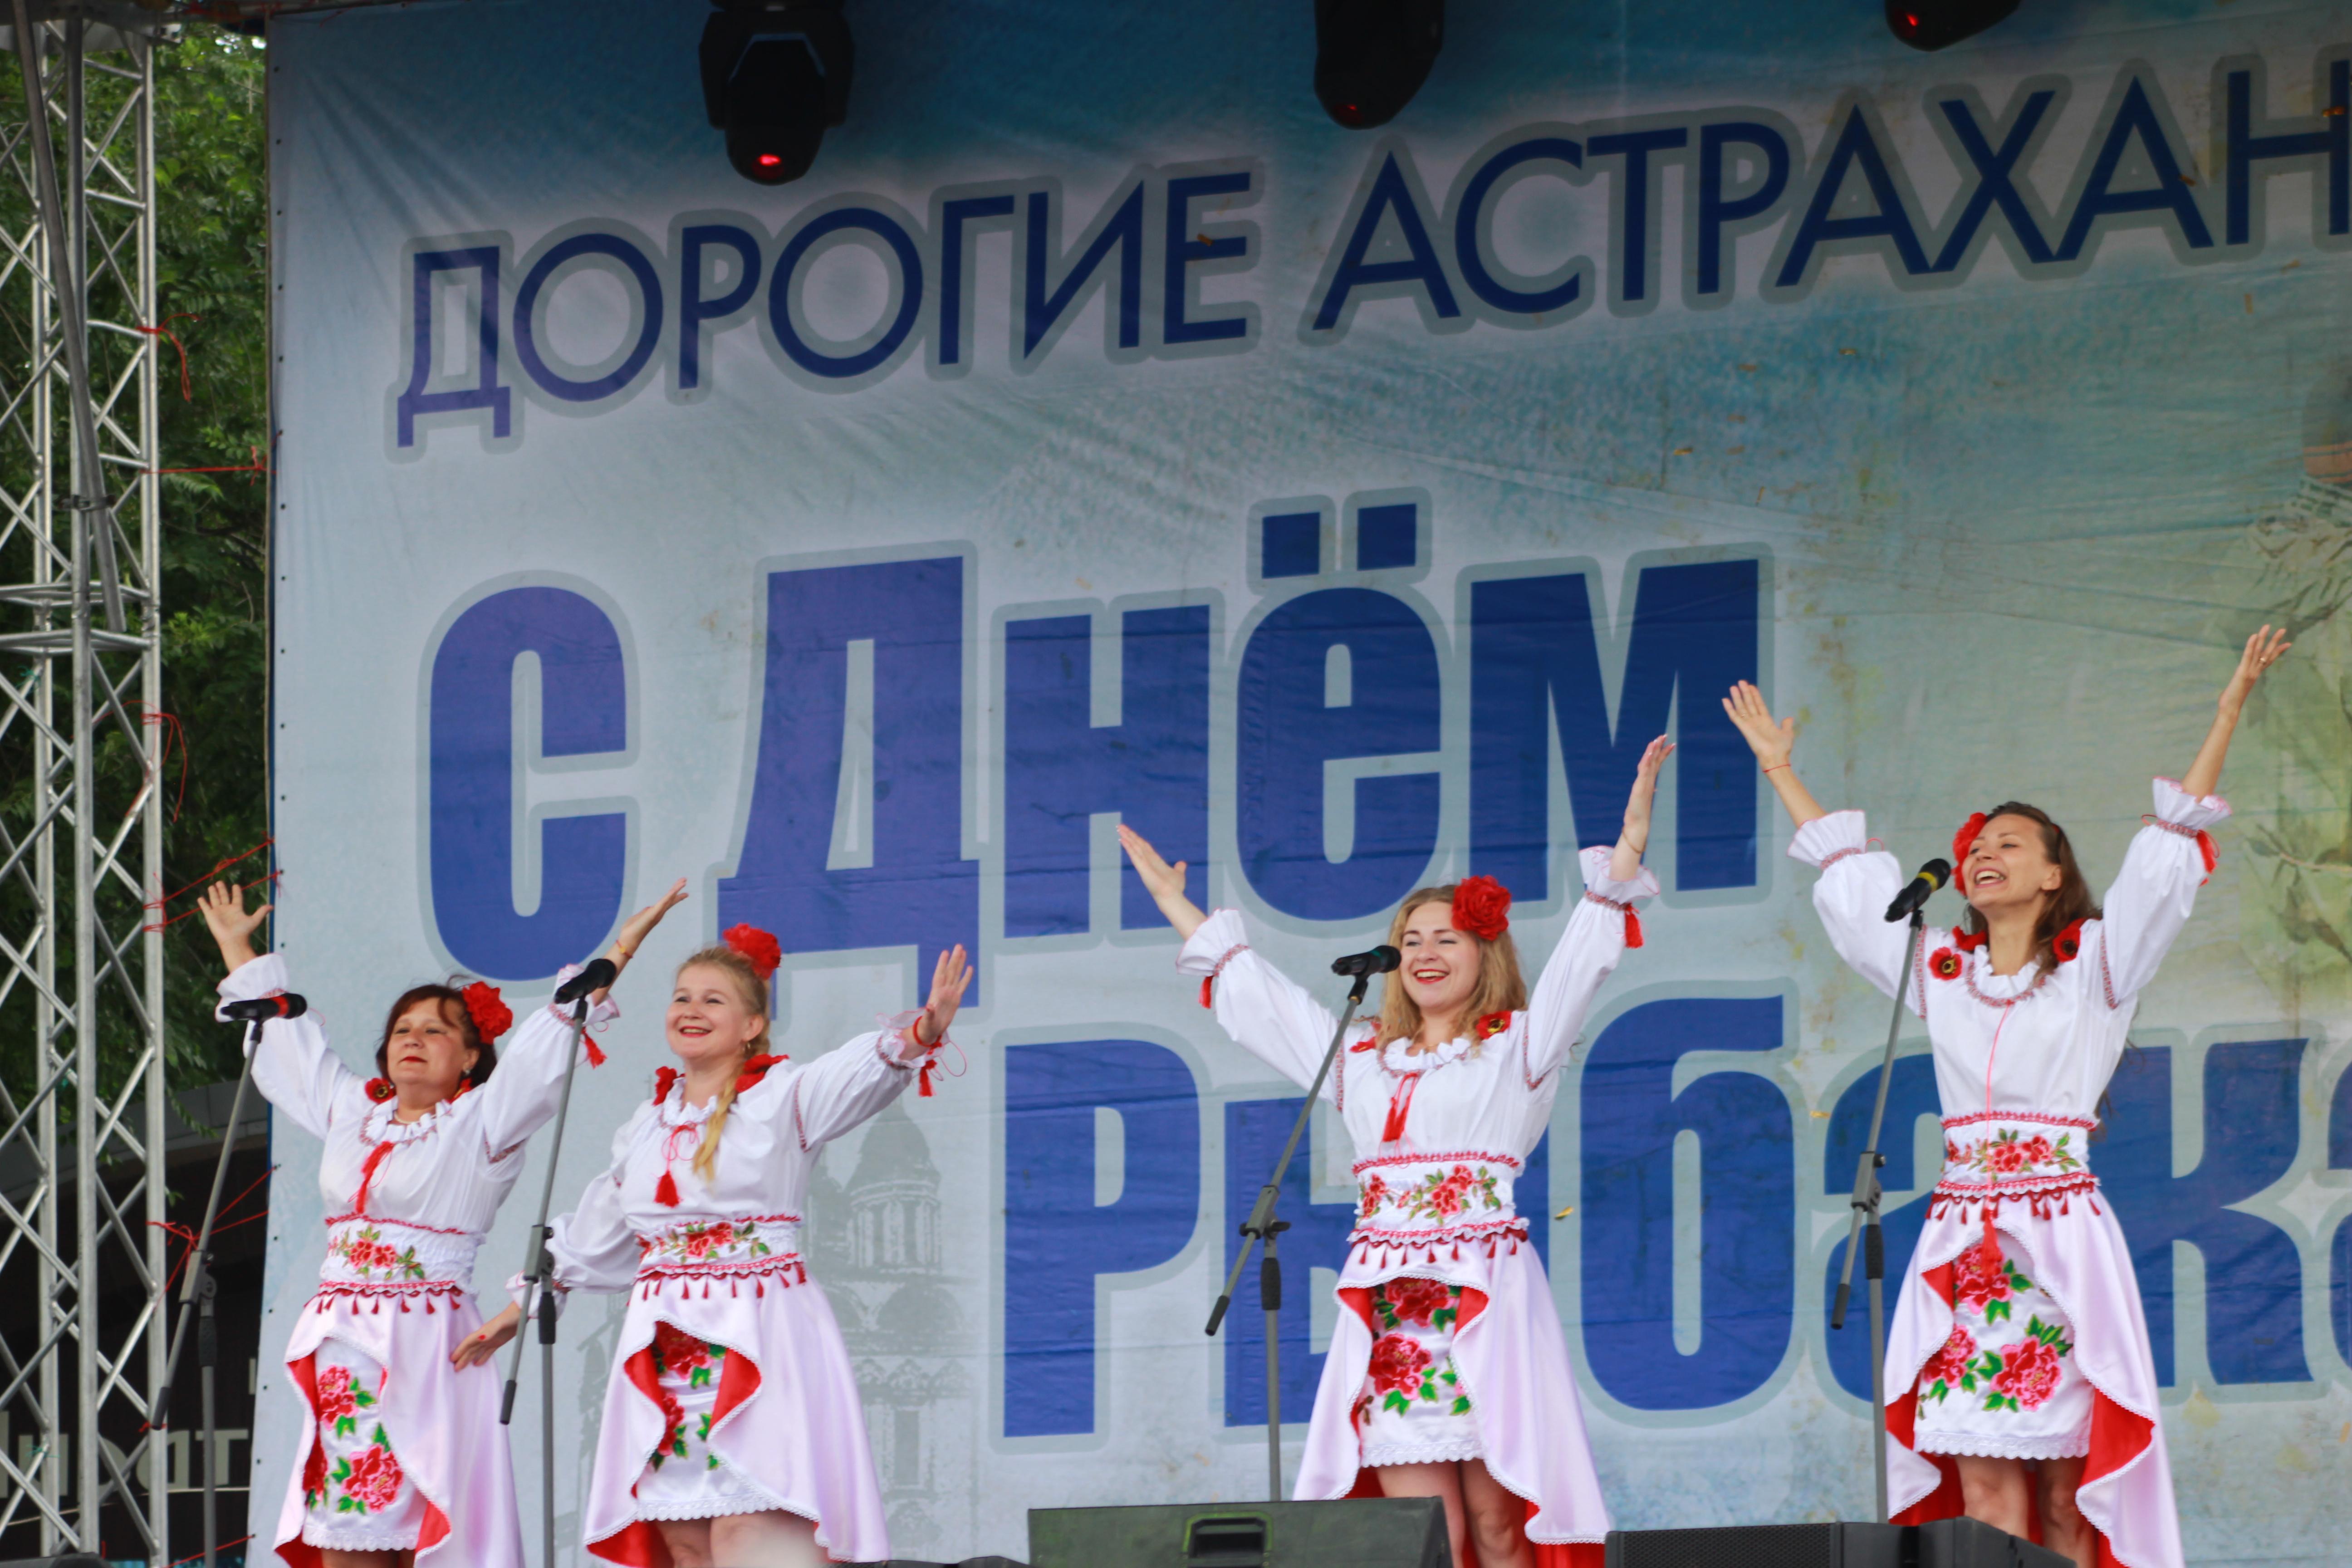 В Астрахани завершился международный фестиваль народного творчества